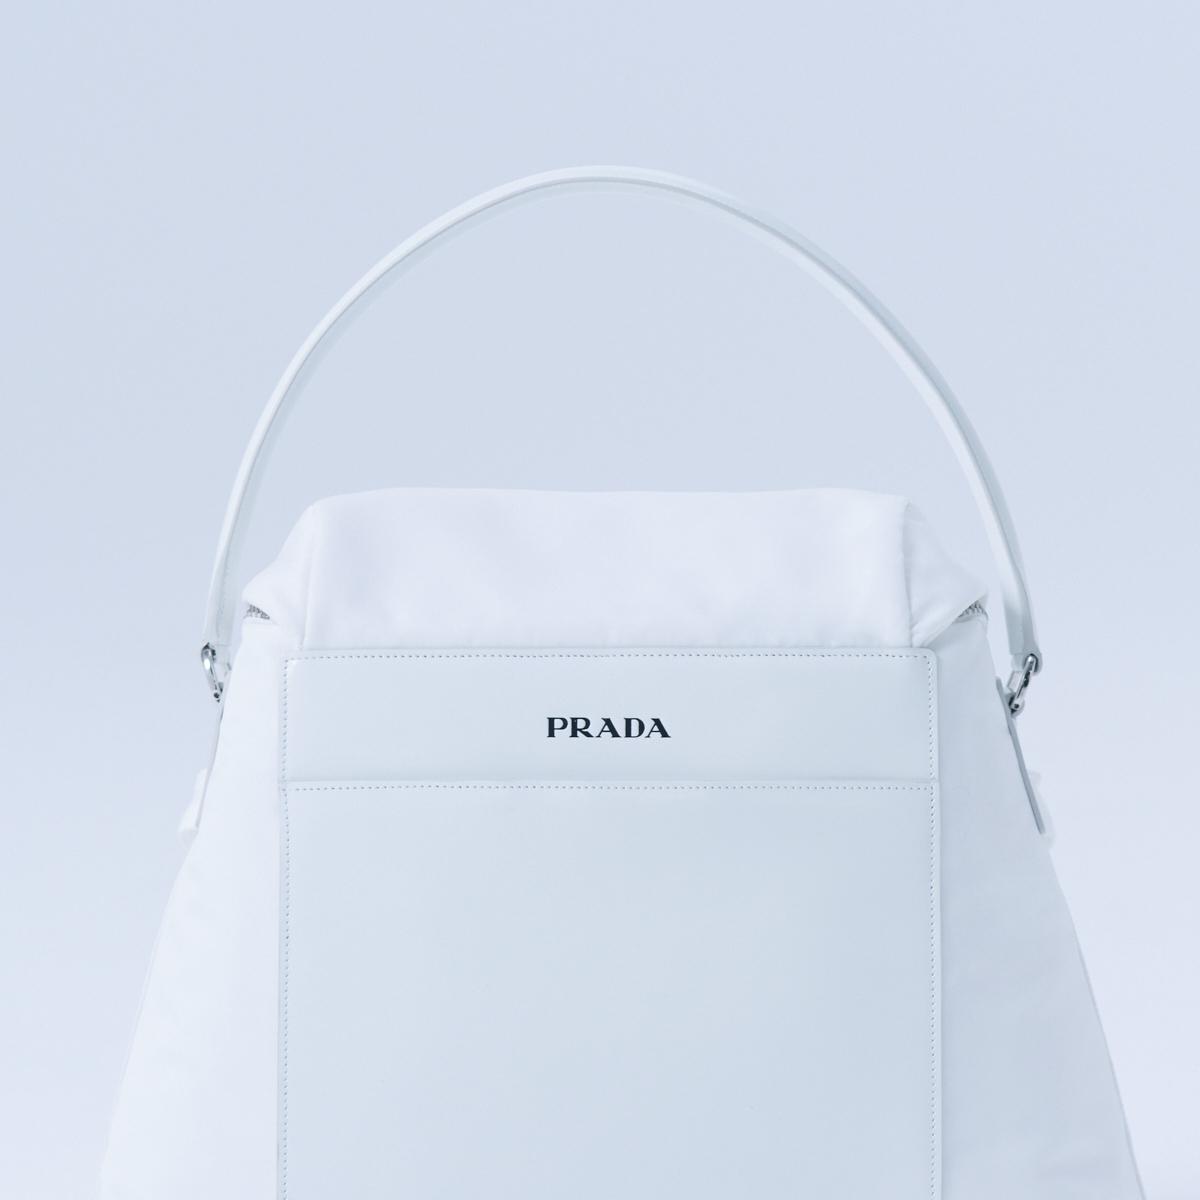 バッグ〈H27×W34×D15cm〉¥219,000(予定価格)/プラダ クライアントサービス(プラダ)0120-45-1913